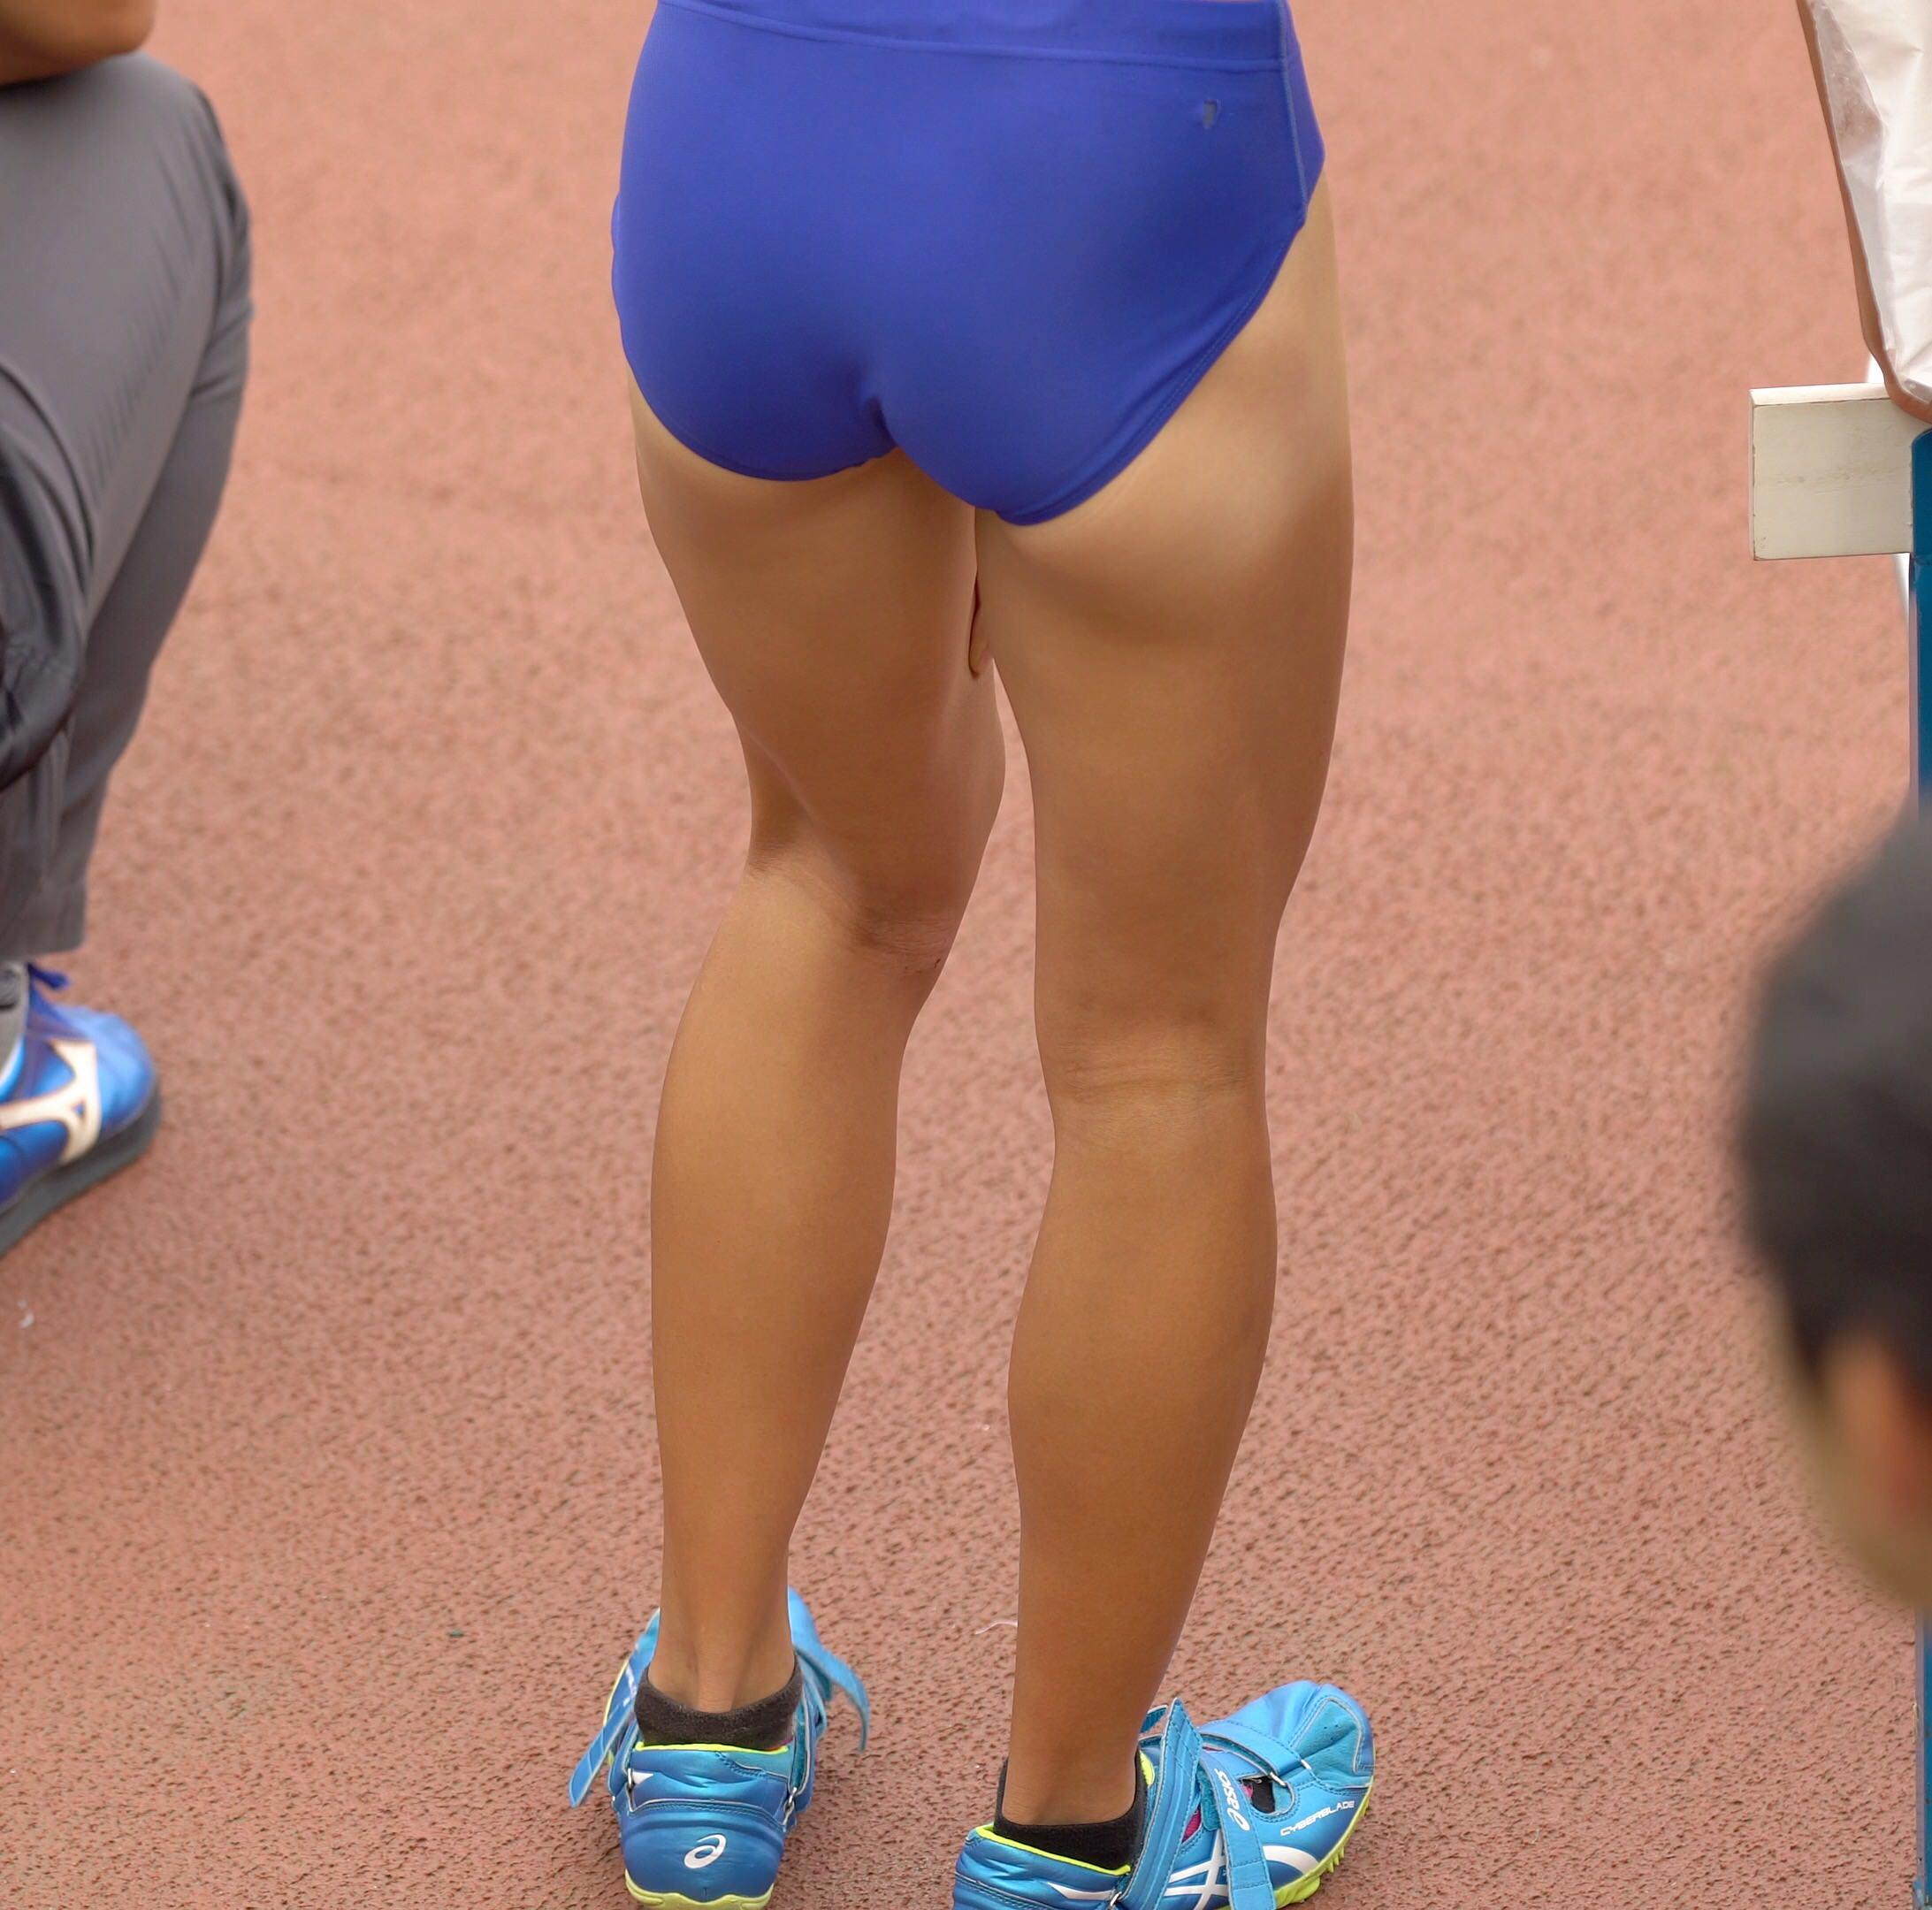 スポーツする女の子のクッソエロい画像をくださいwwwwww R43aOo9